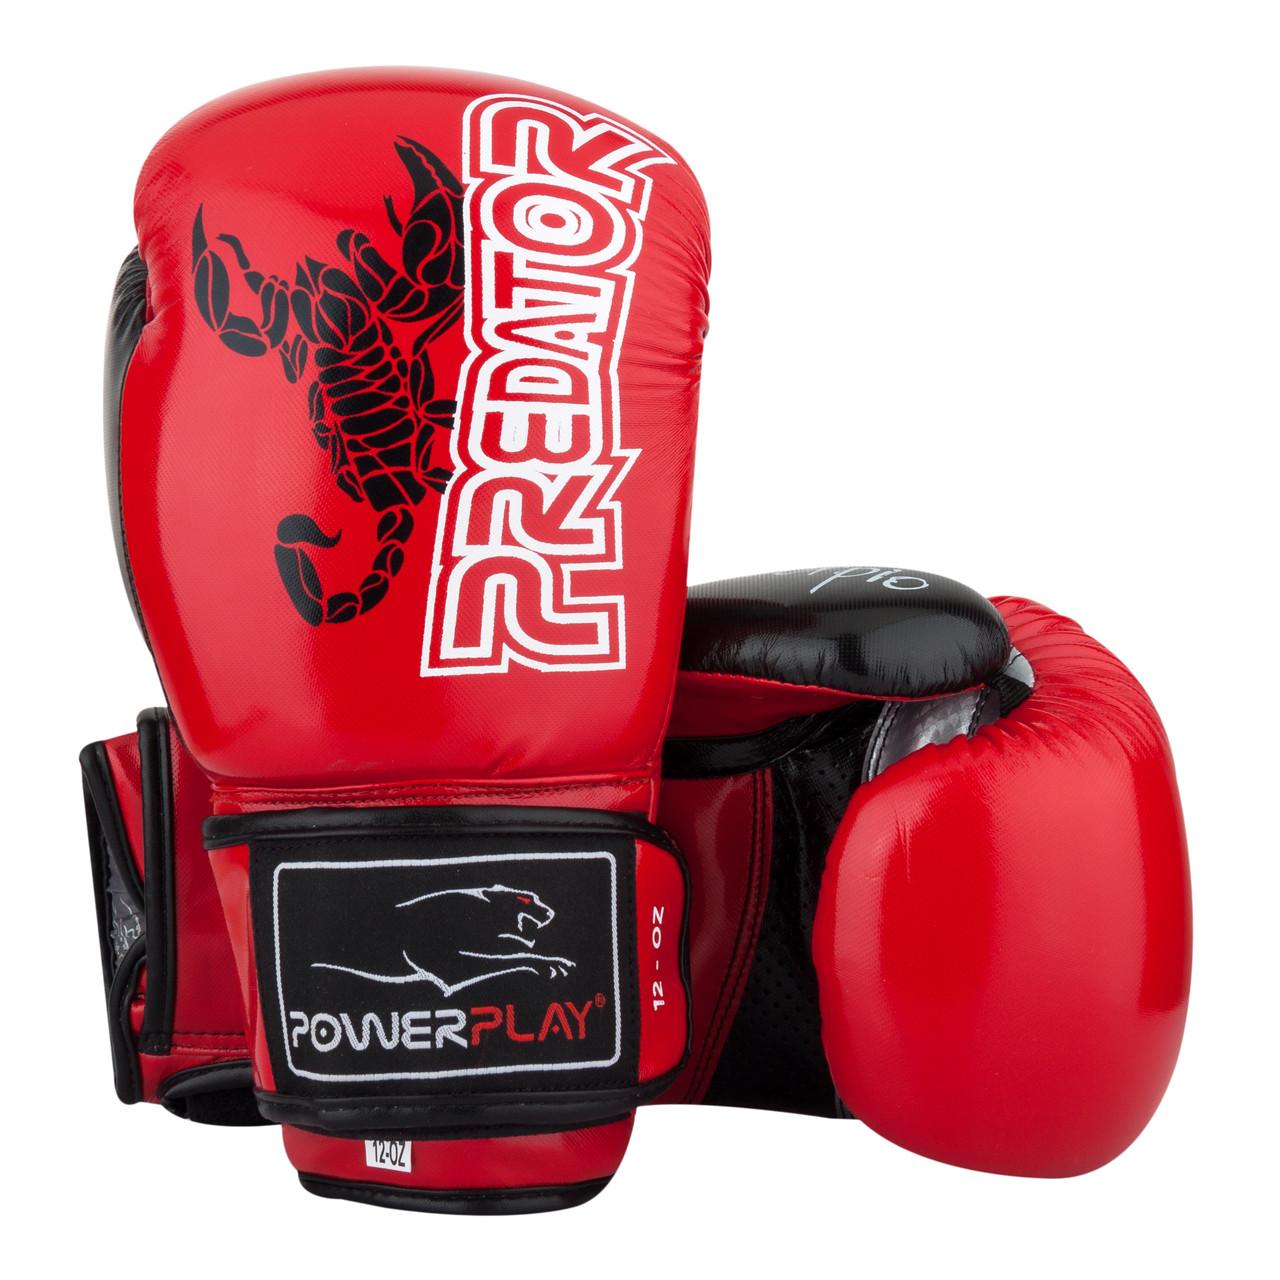 Боксерские перчатки PowerPlay 3007 красные карбон 12 унций